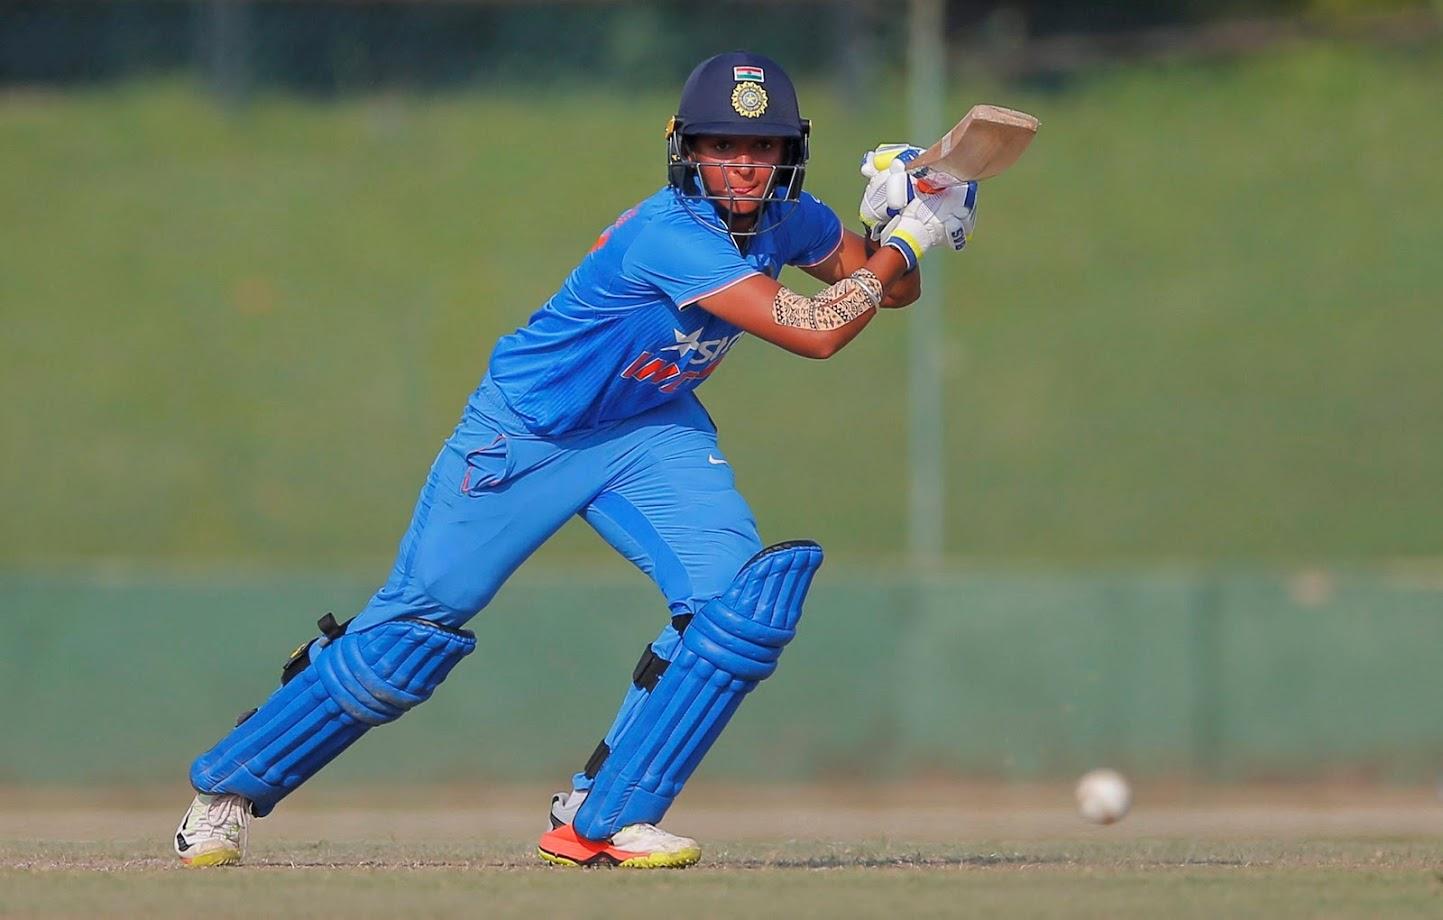 गेल्या वर्षी ऑस्टेलियालिरुद्ध खेळताना भारताने टी२० क्रिकेटमध्ये सर्वात मोठा विजय मिळवला होता. त्या सामन्यात हरमनप्रीतने ३१ चेंडूत ४६ धावा केल्या होत्या. २०१६ मध्ये हरमनप्रीतकडे टी२० संघाचं कर्णधारपद सोपावण्यात आलं.